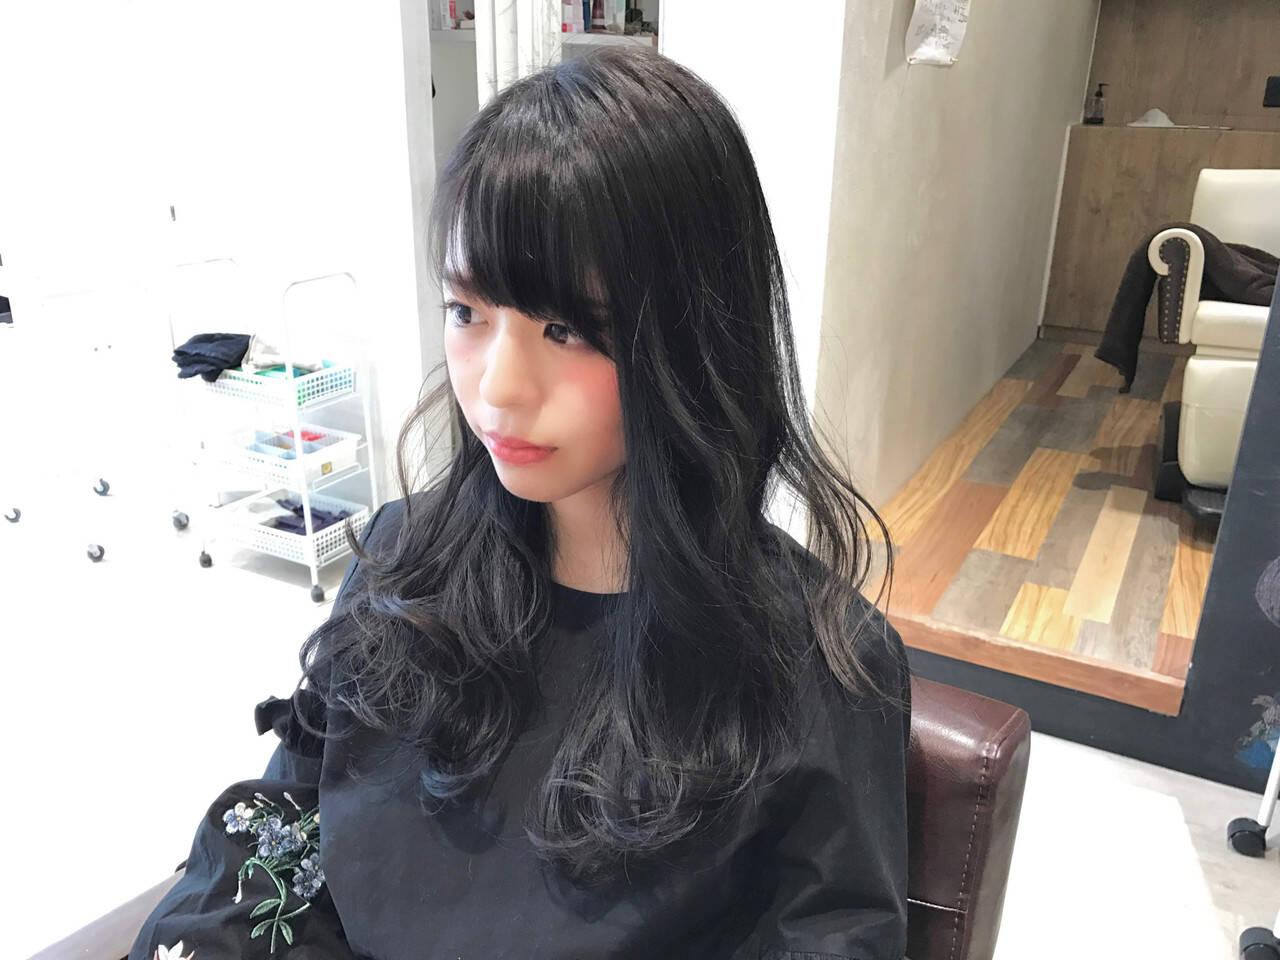 暗髪 セミロング ブラックグレー 暗髪女子ヘアスタイルや髪型の写真・画像